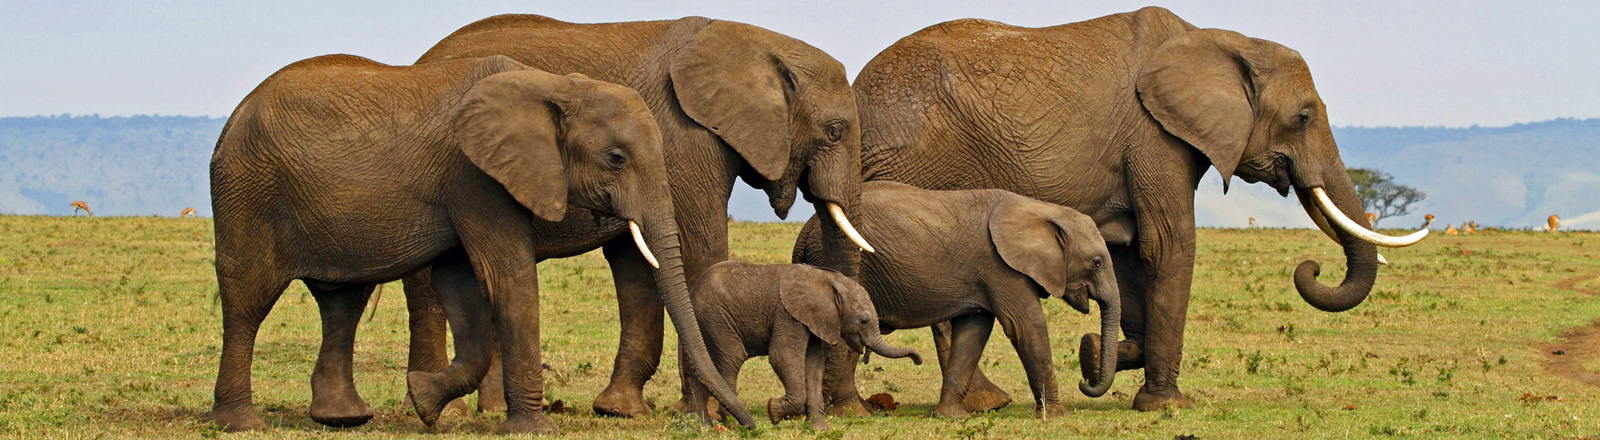 In einem Nationalpark in Kenia spaziert eine Elefantenherde. Drei ausgewachsene und zwei kleinere Elefanten.